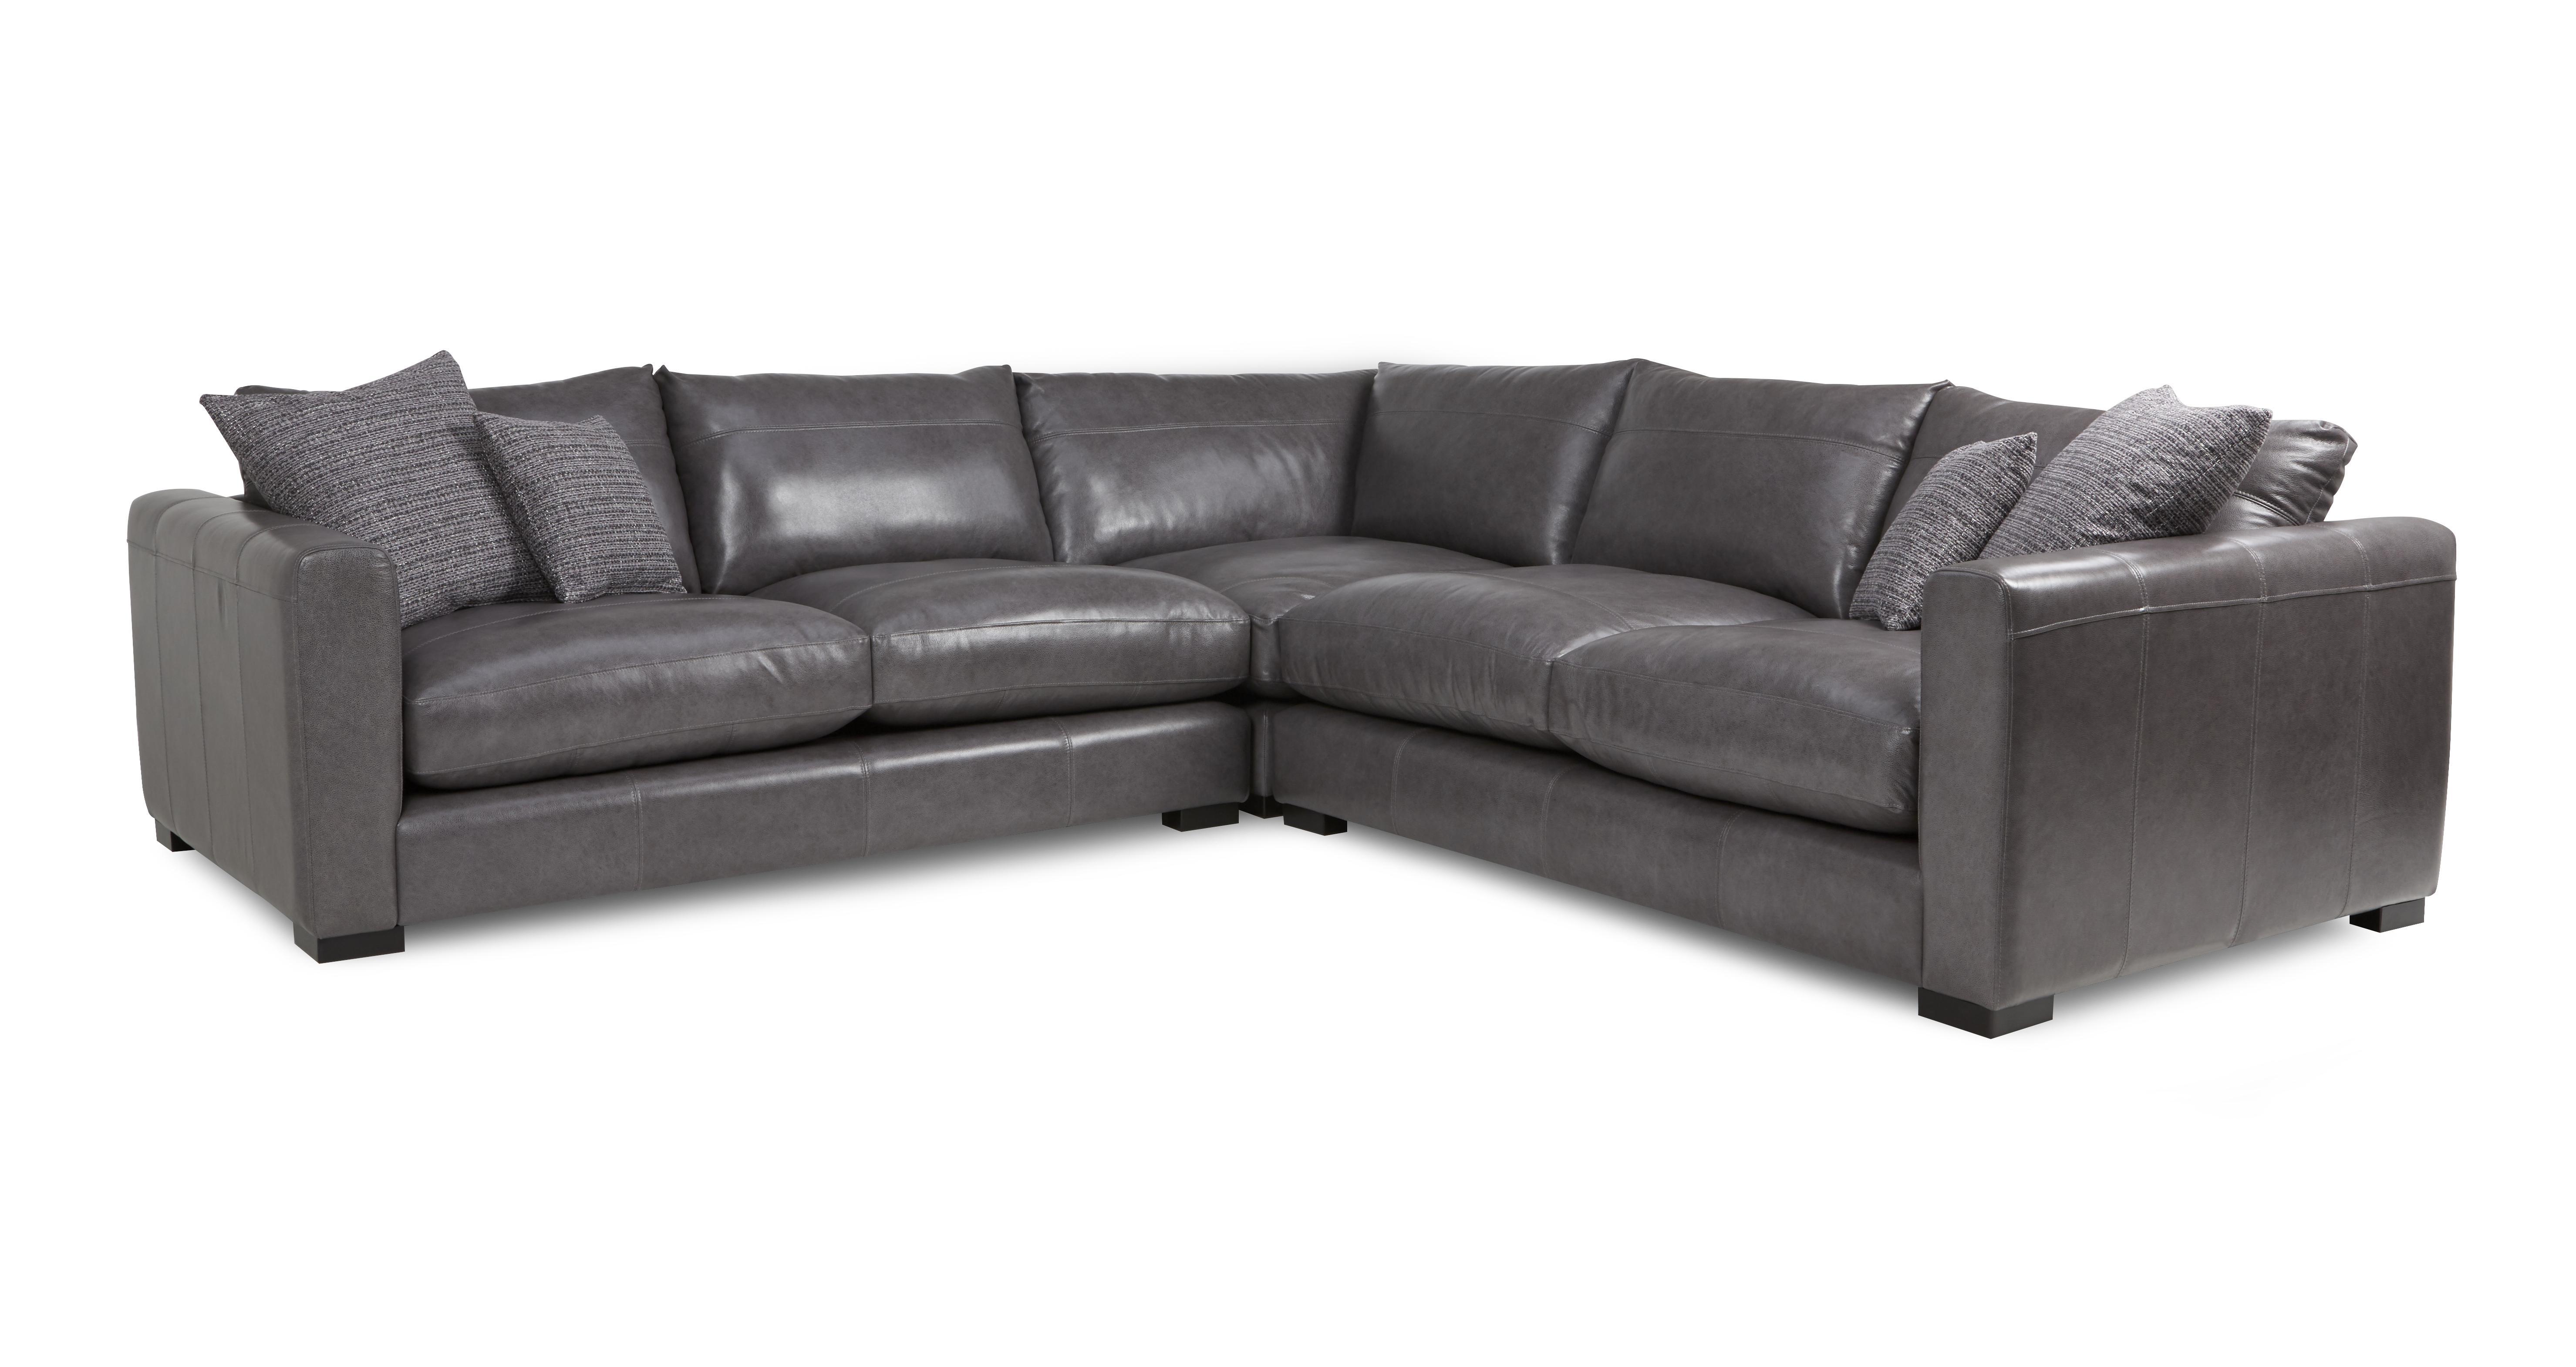 Dillon Leather Small Corner Sofa